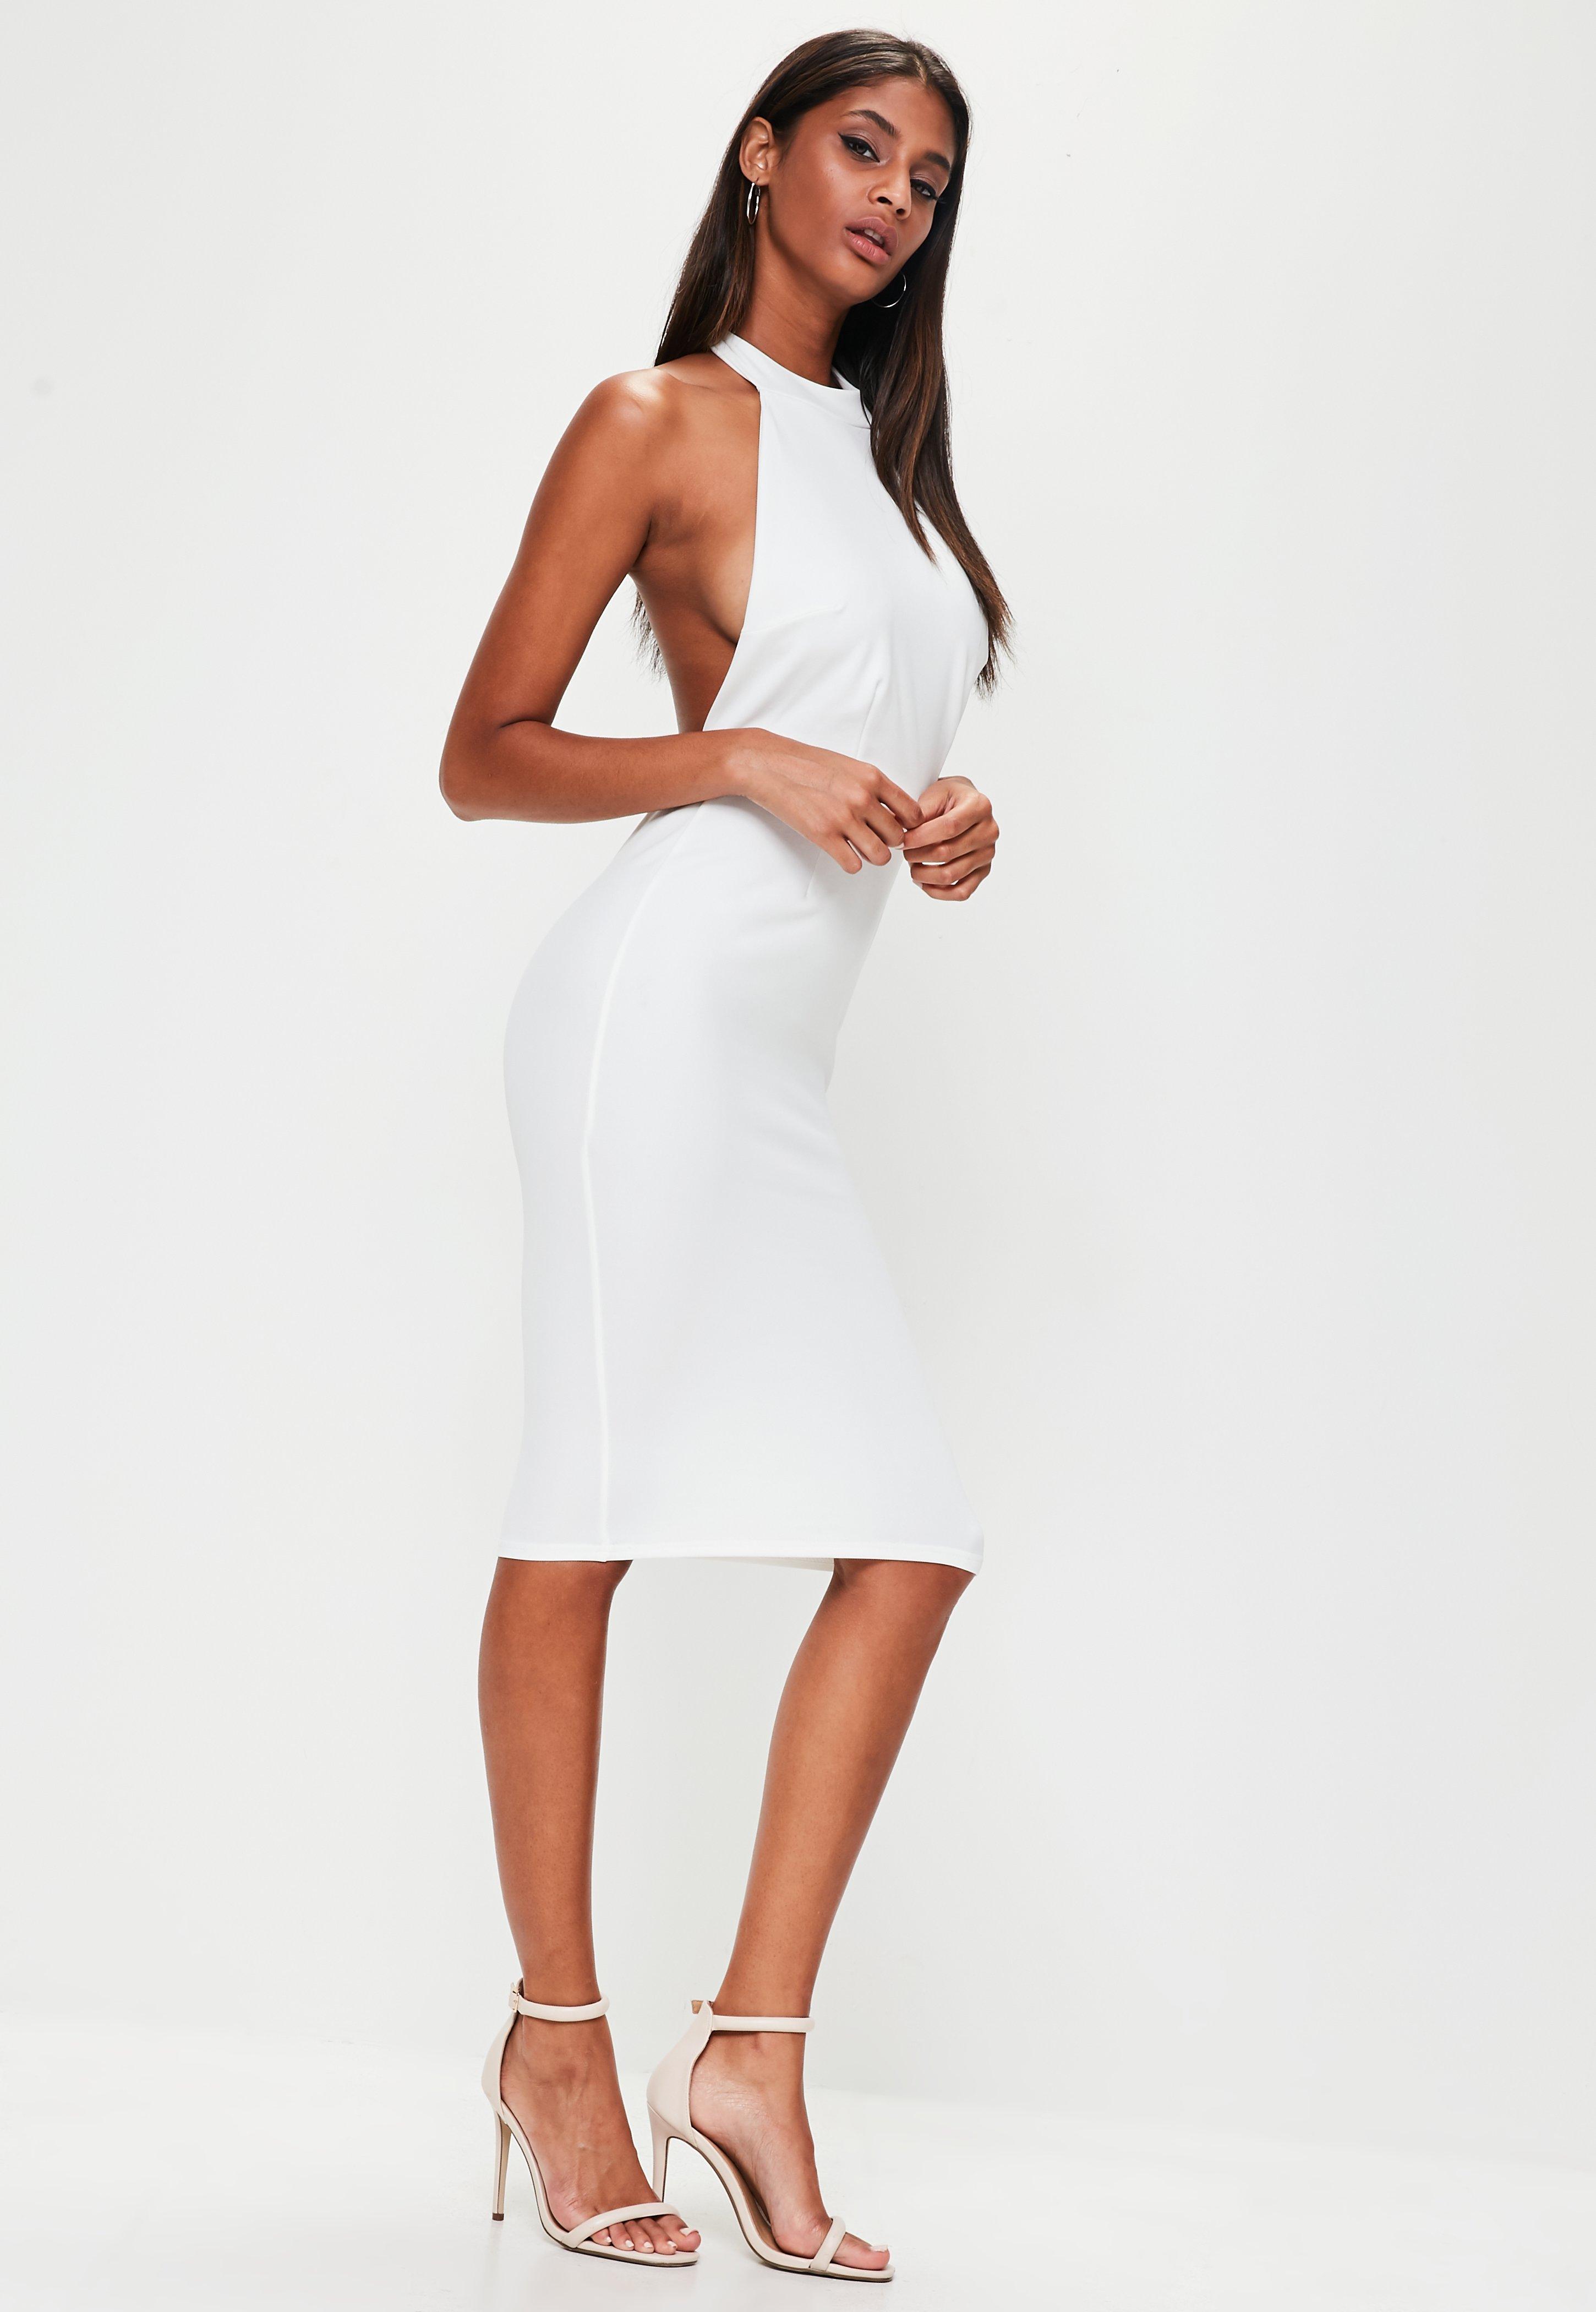 Rückenfreie Kleider - mit tiefem Rückenausschnitt - Missguided DE